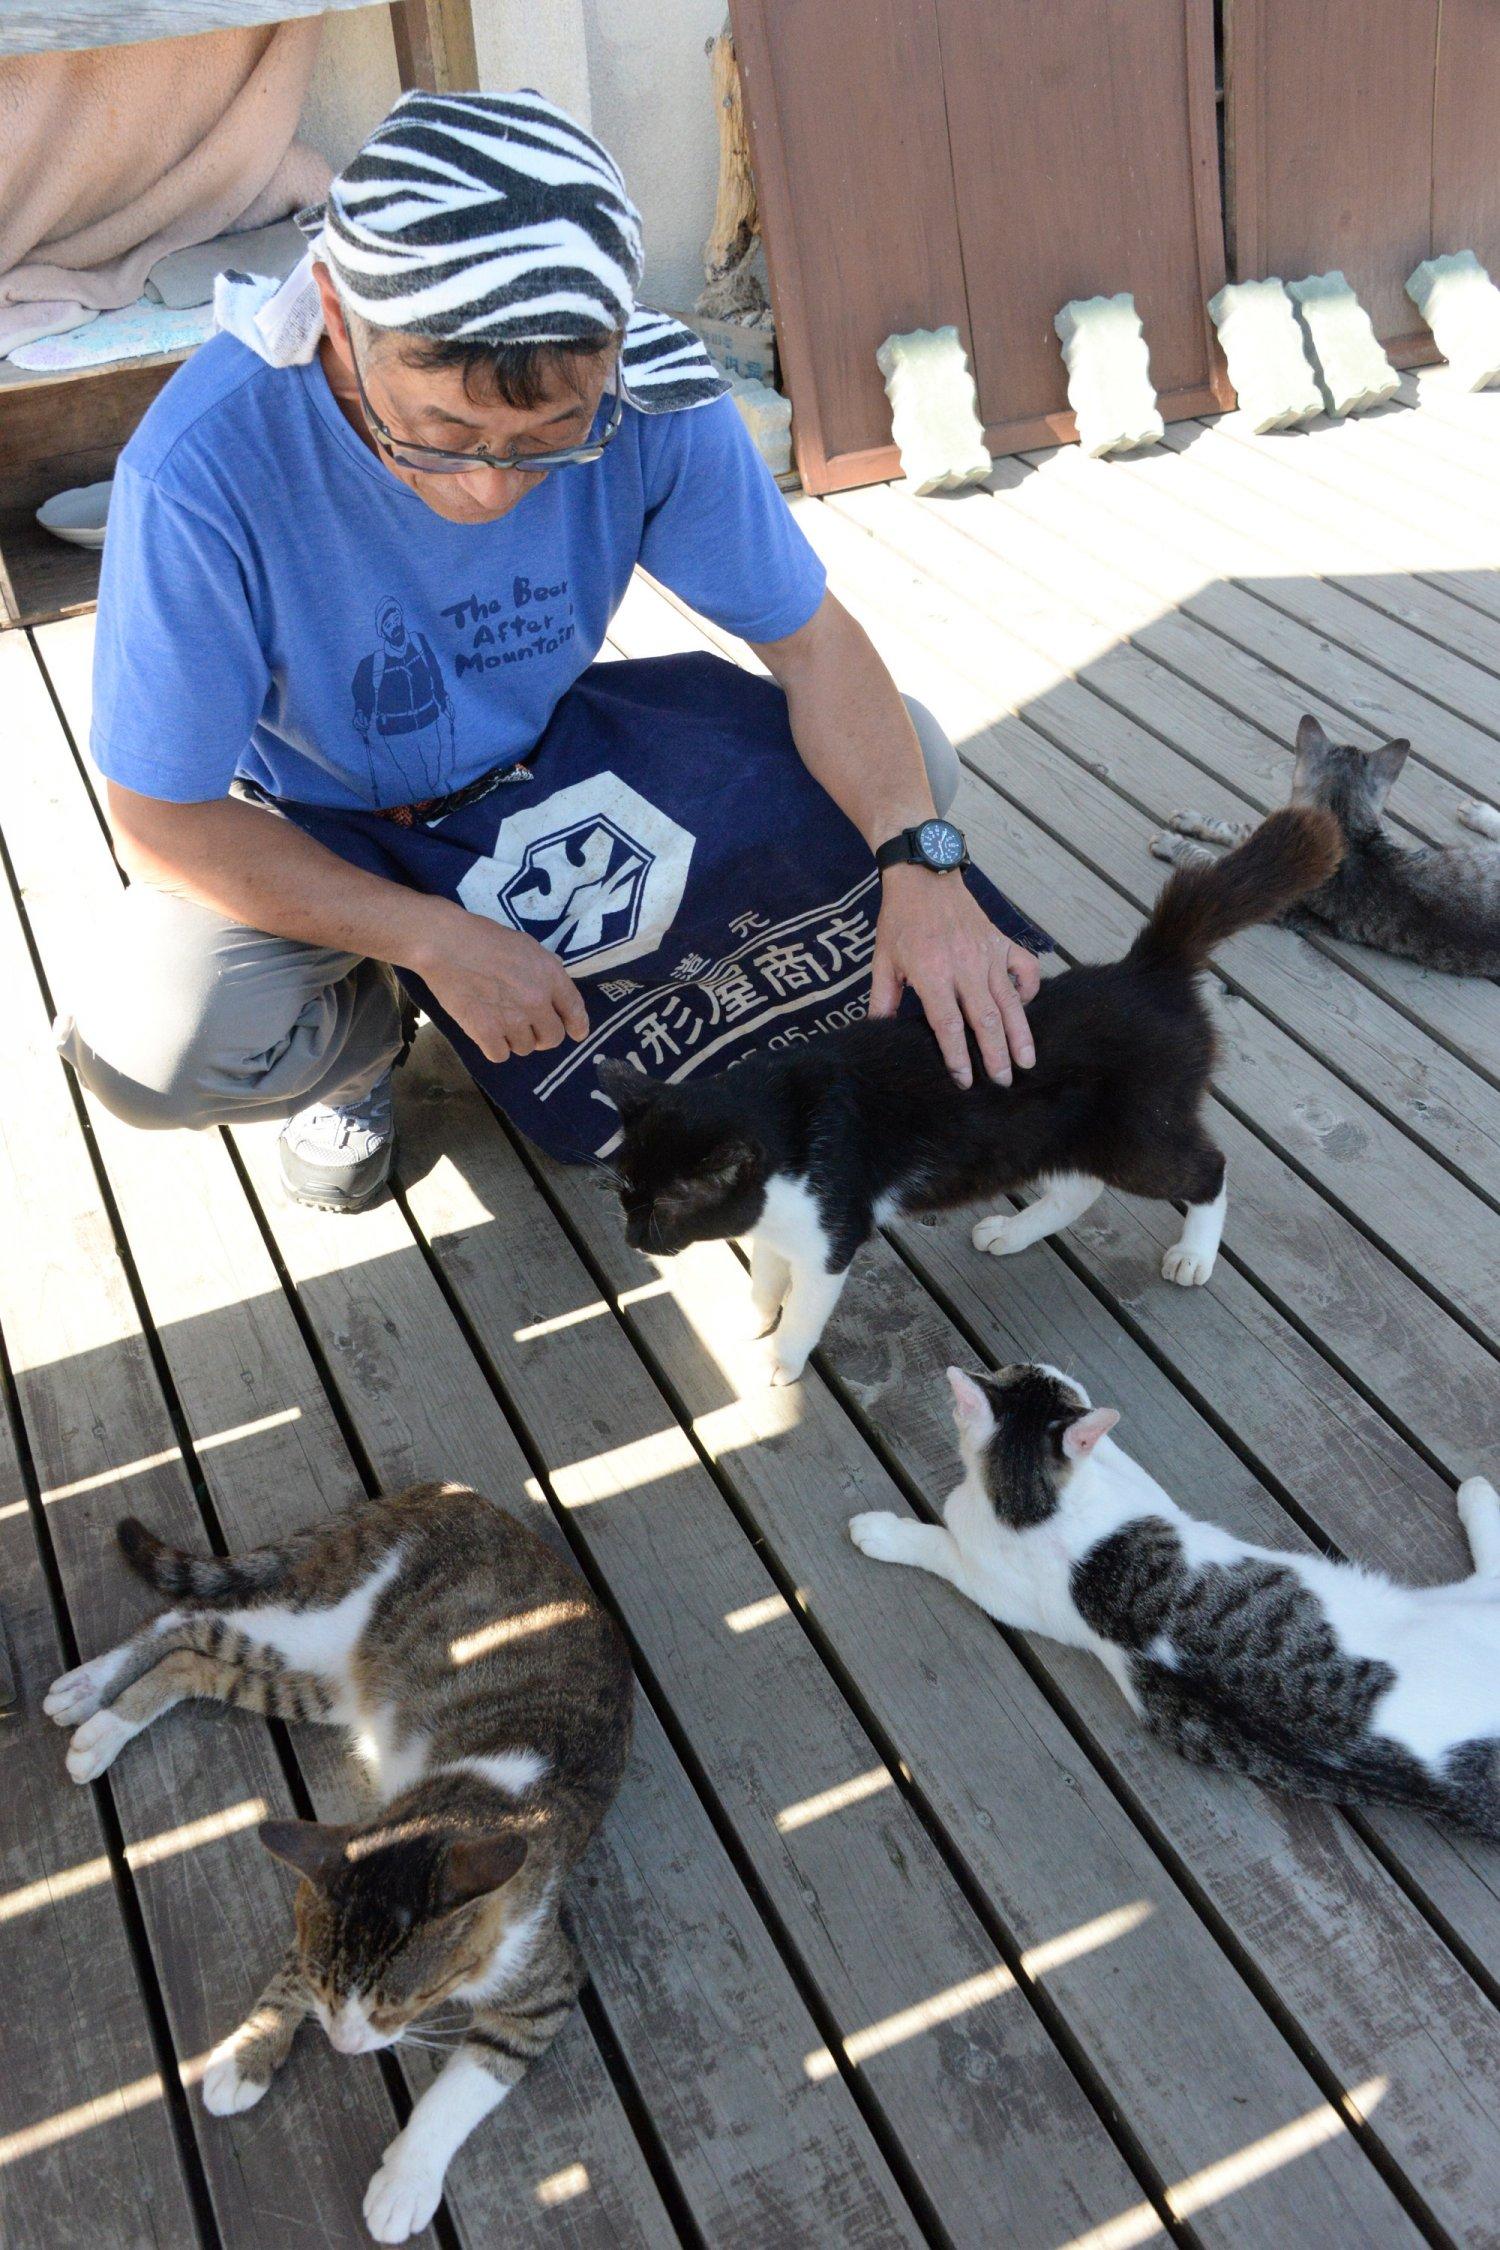 デッキにたむろするネコたちをあやす、共和国理事の渡邉仁悦さん。